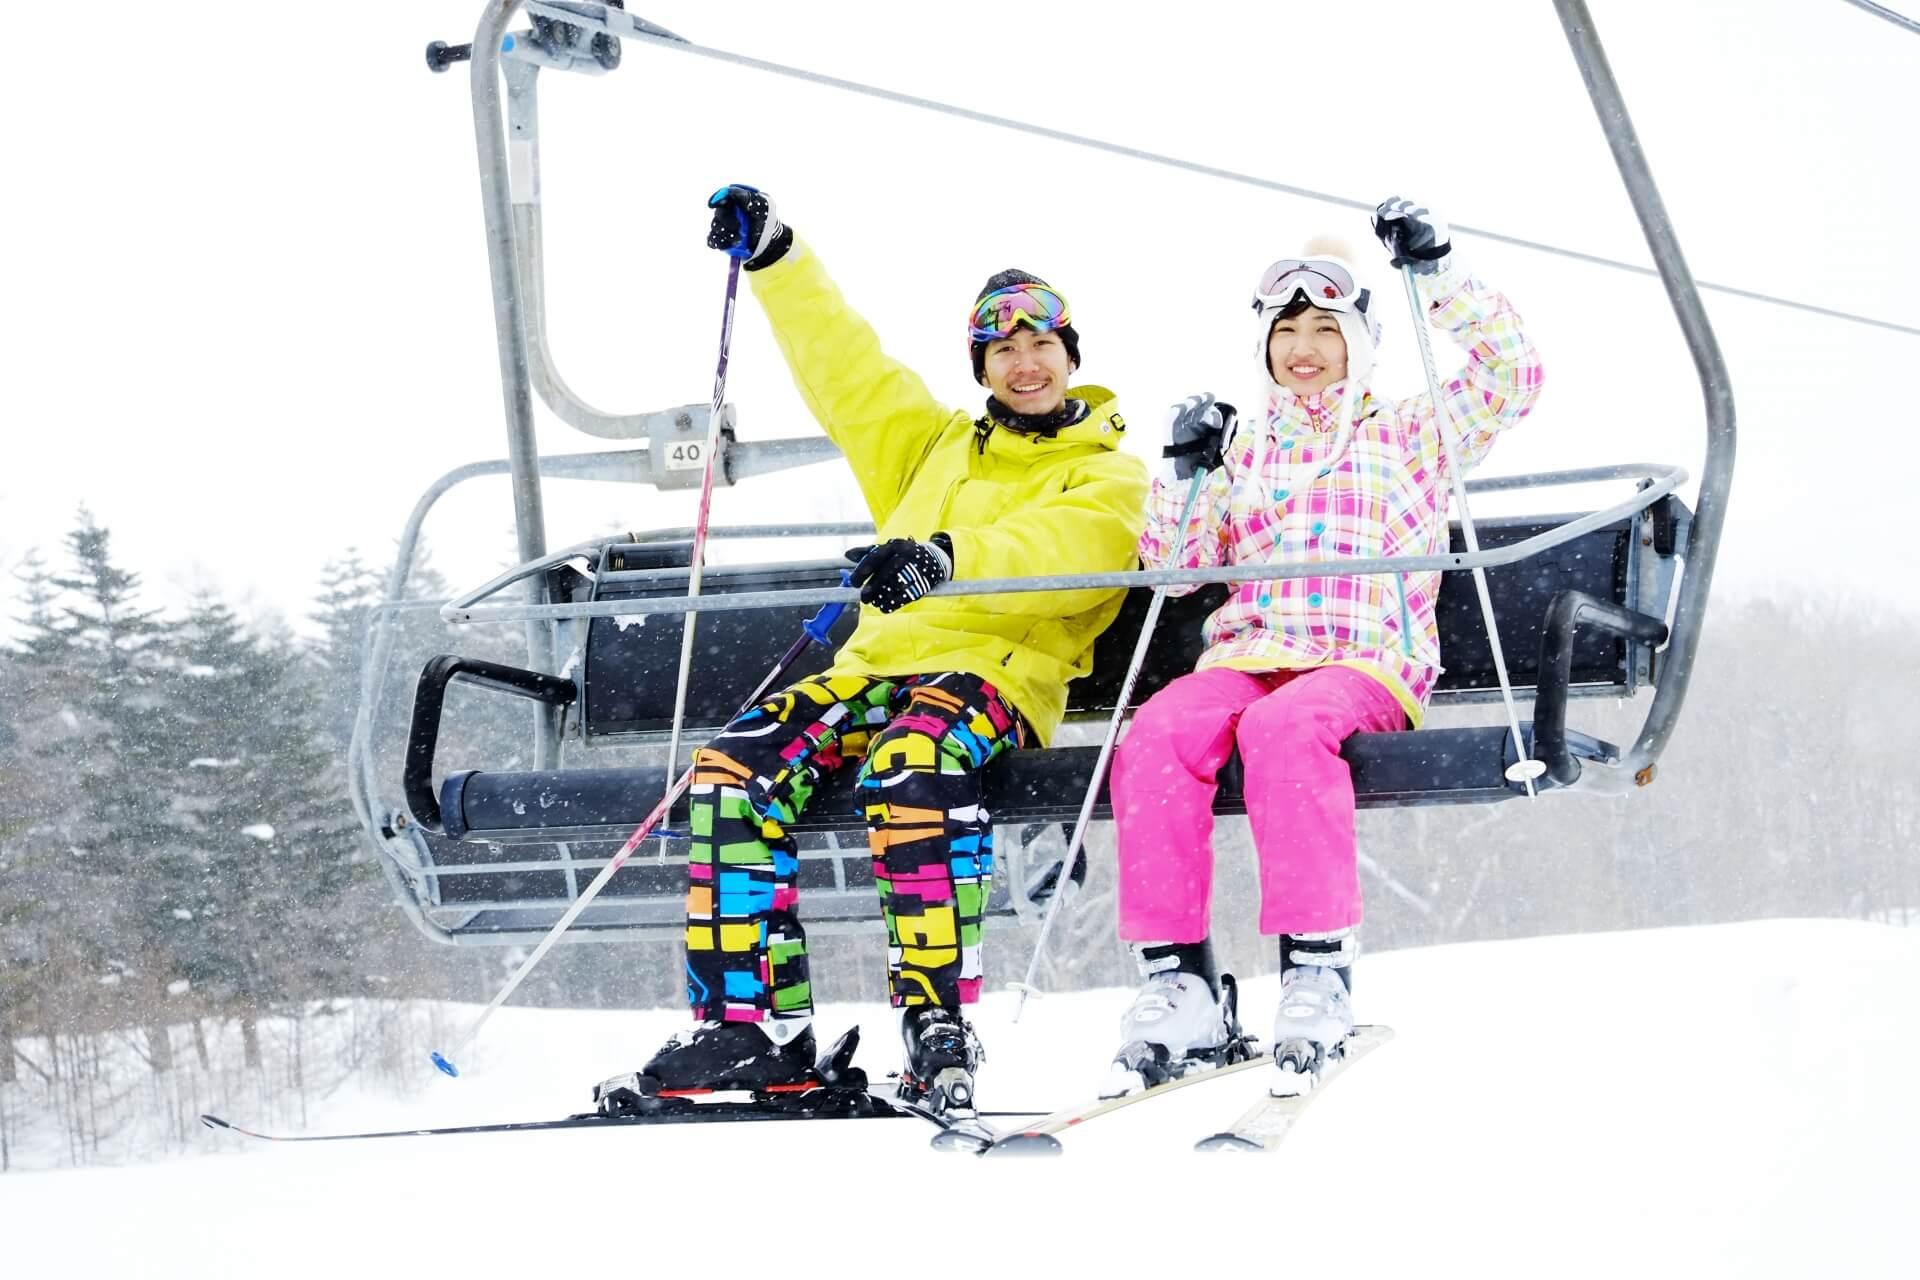 スキーのワックスは何故必要?大事なスキー板を手入れするワックス